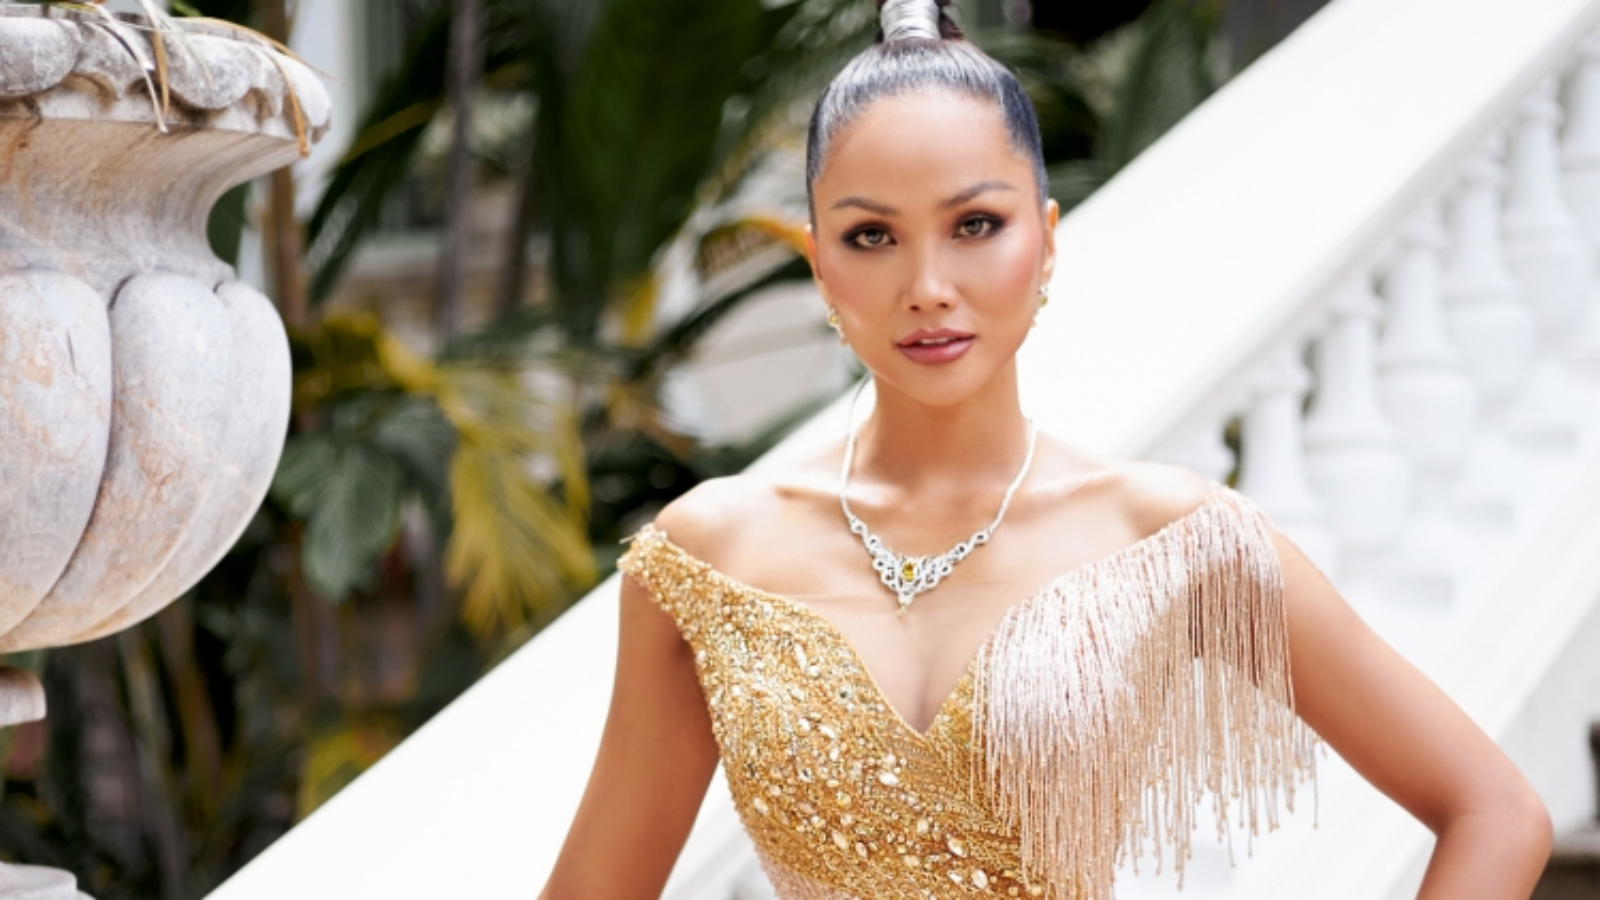 """Hoa hậu H'Hen Niê khoe dáng """"đồng hồ cát"""" trong thiết kế đầm lấp lánh"""